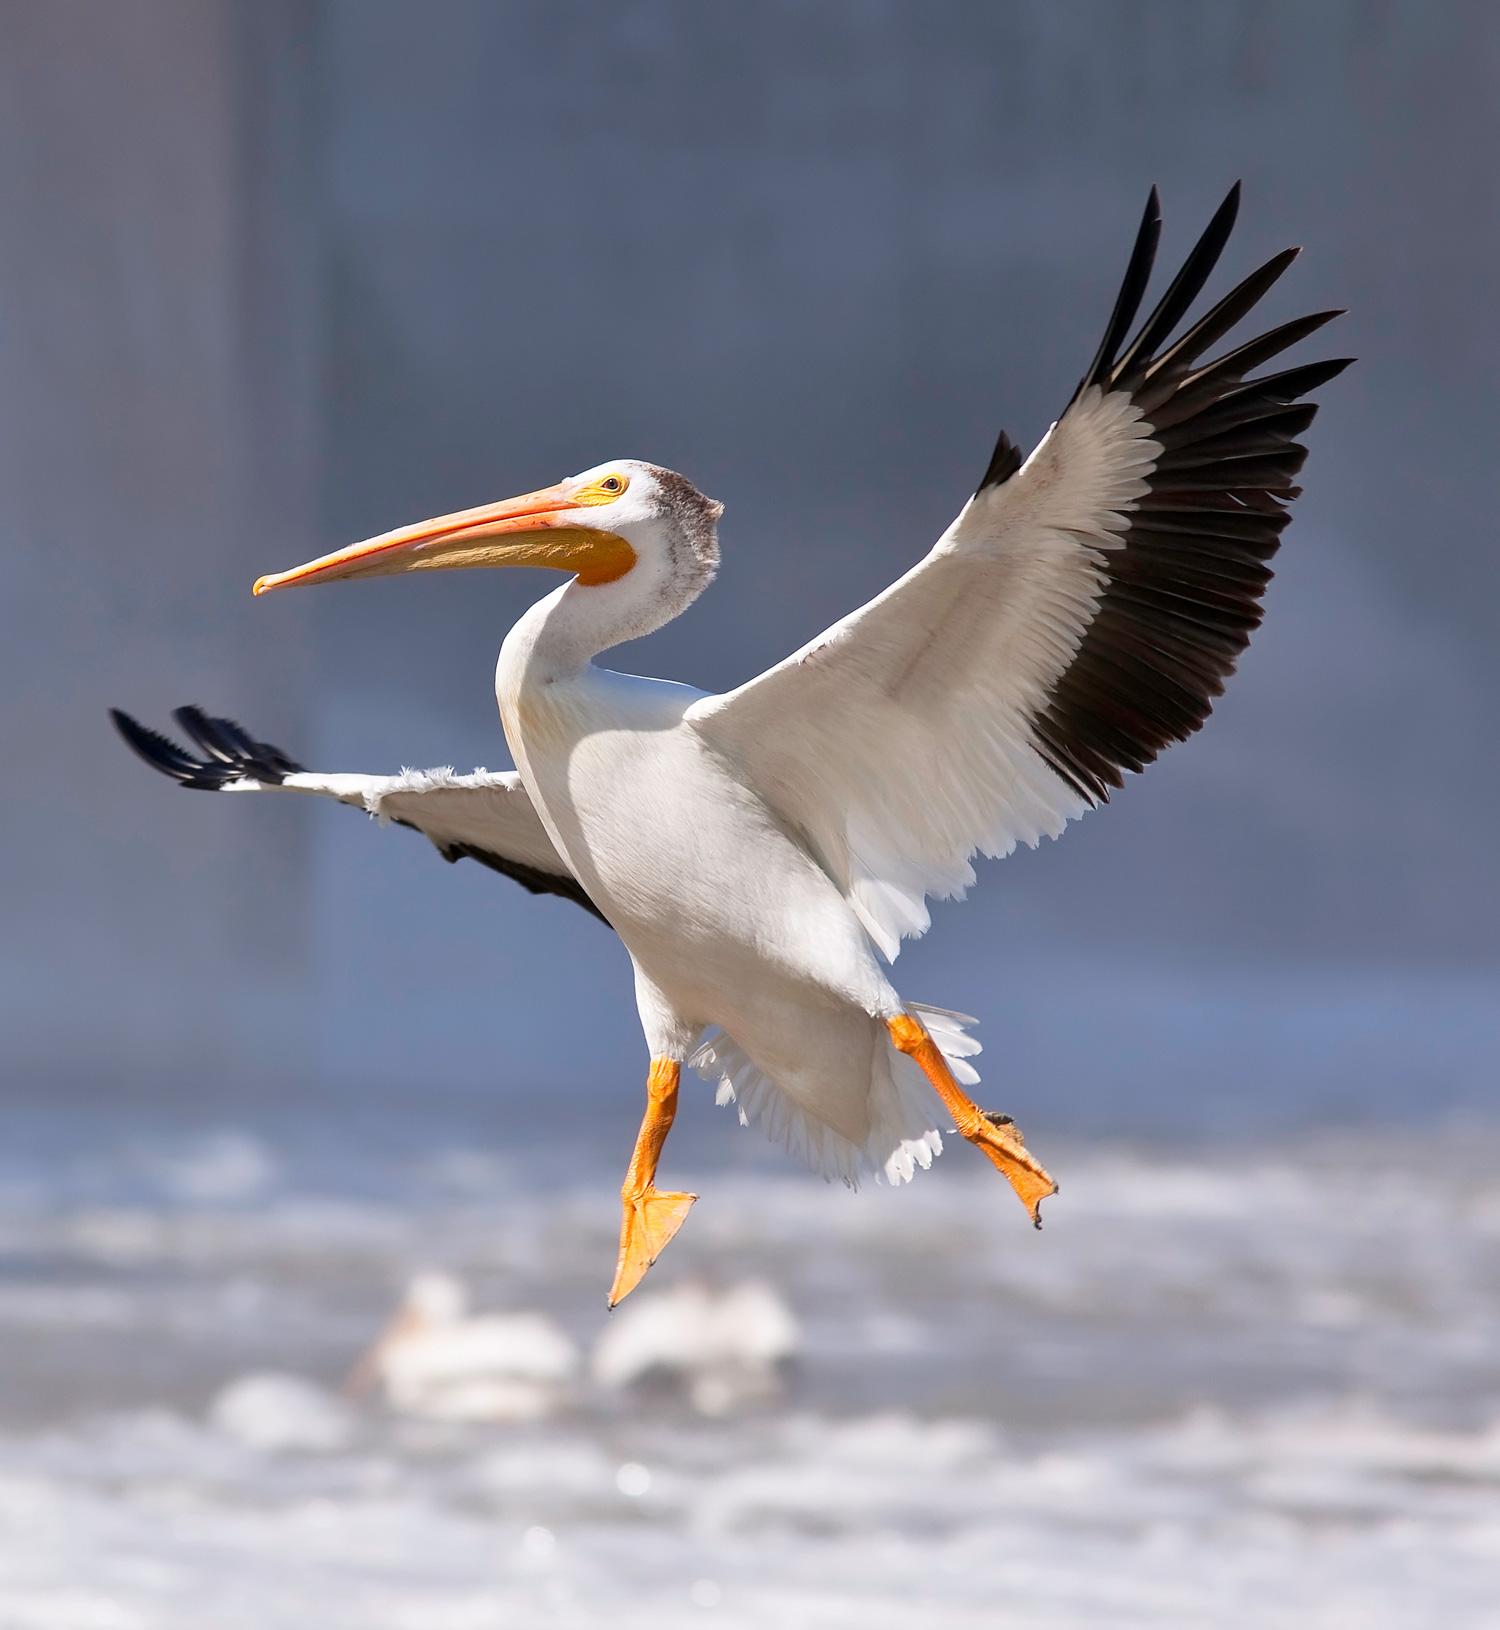 American White Pelican  Ken Gillespie/Flickr Creative Commons